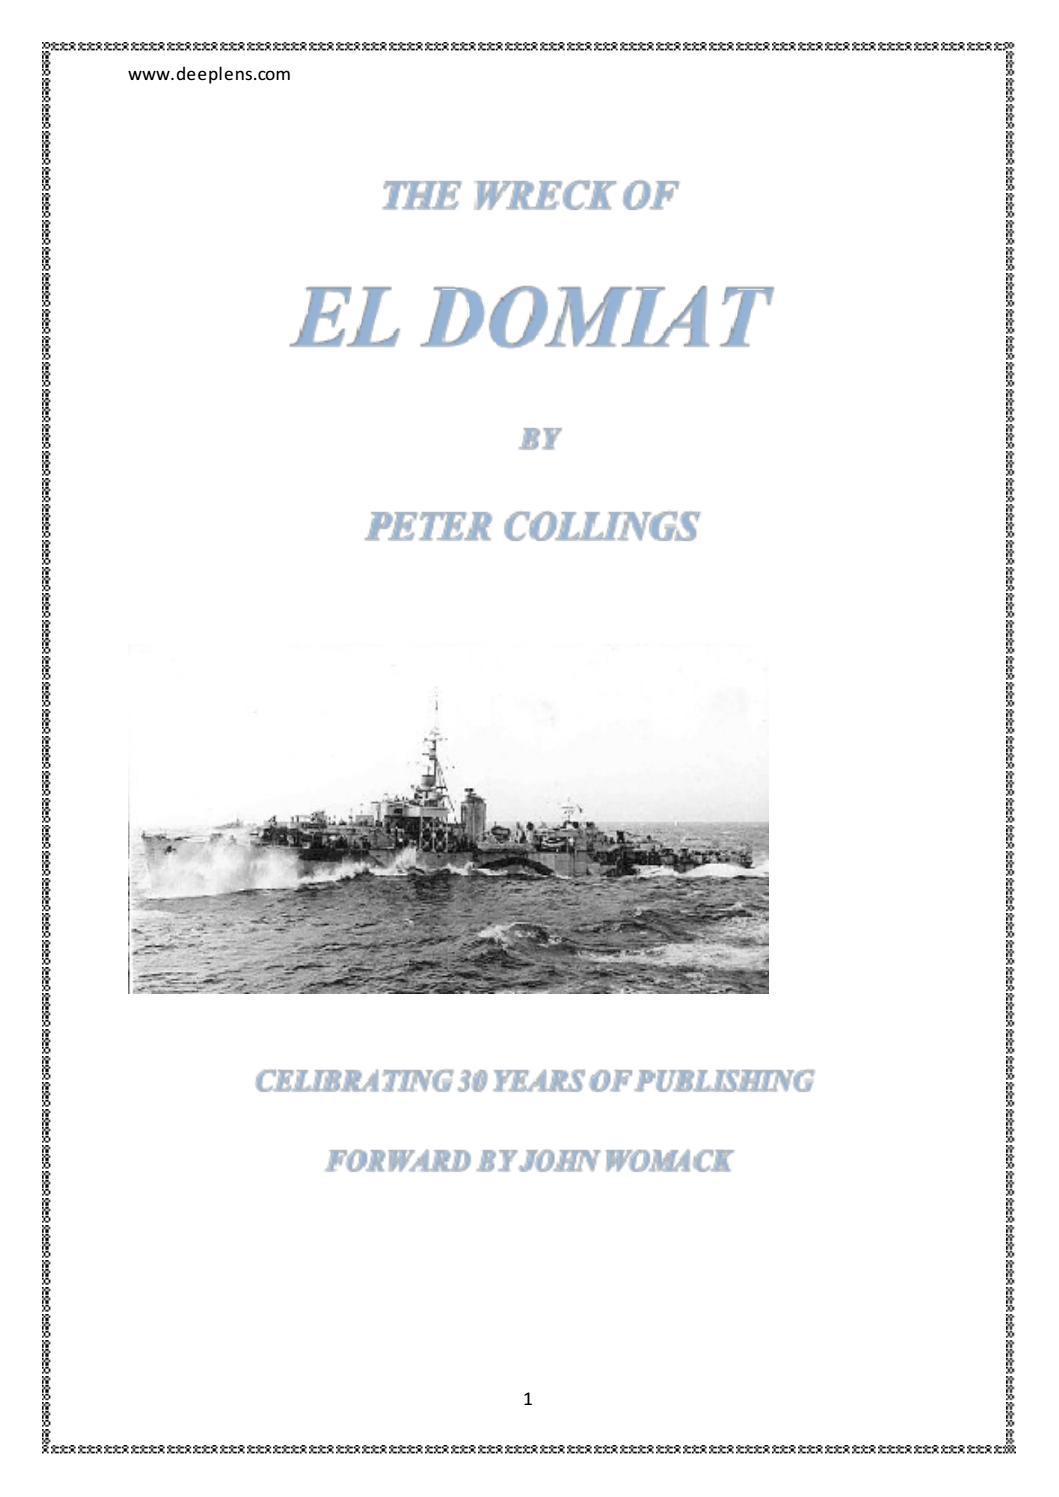 The Wreck of El Dormiat